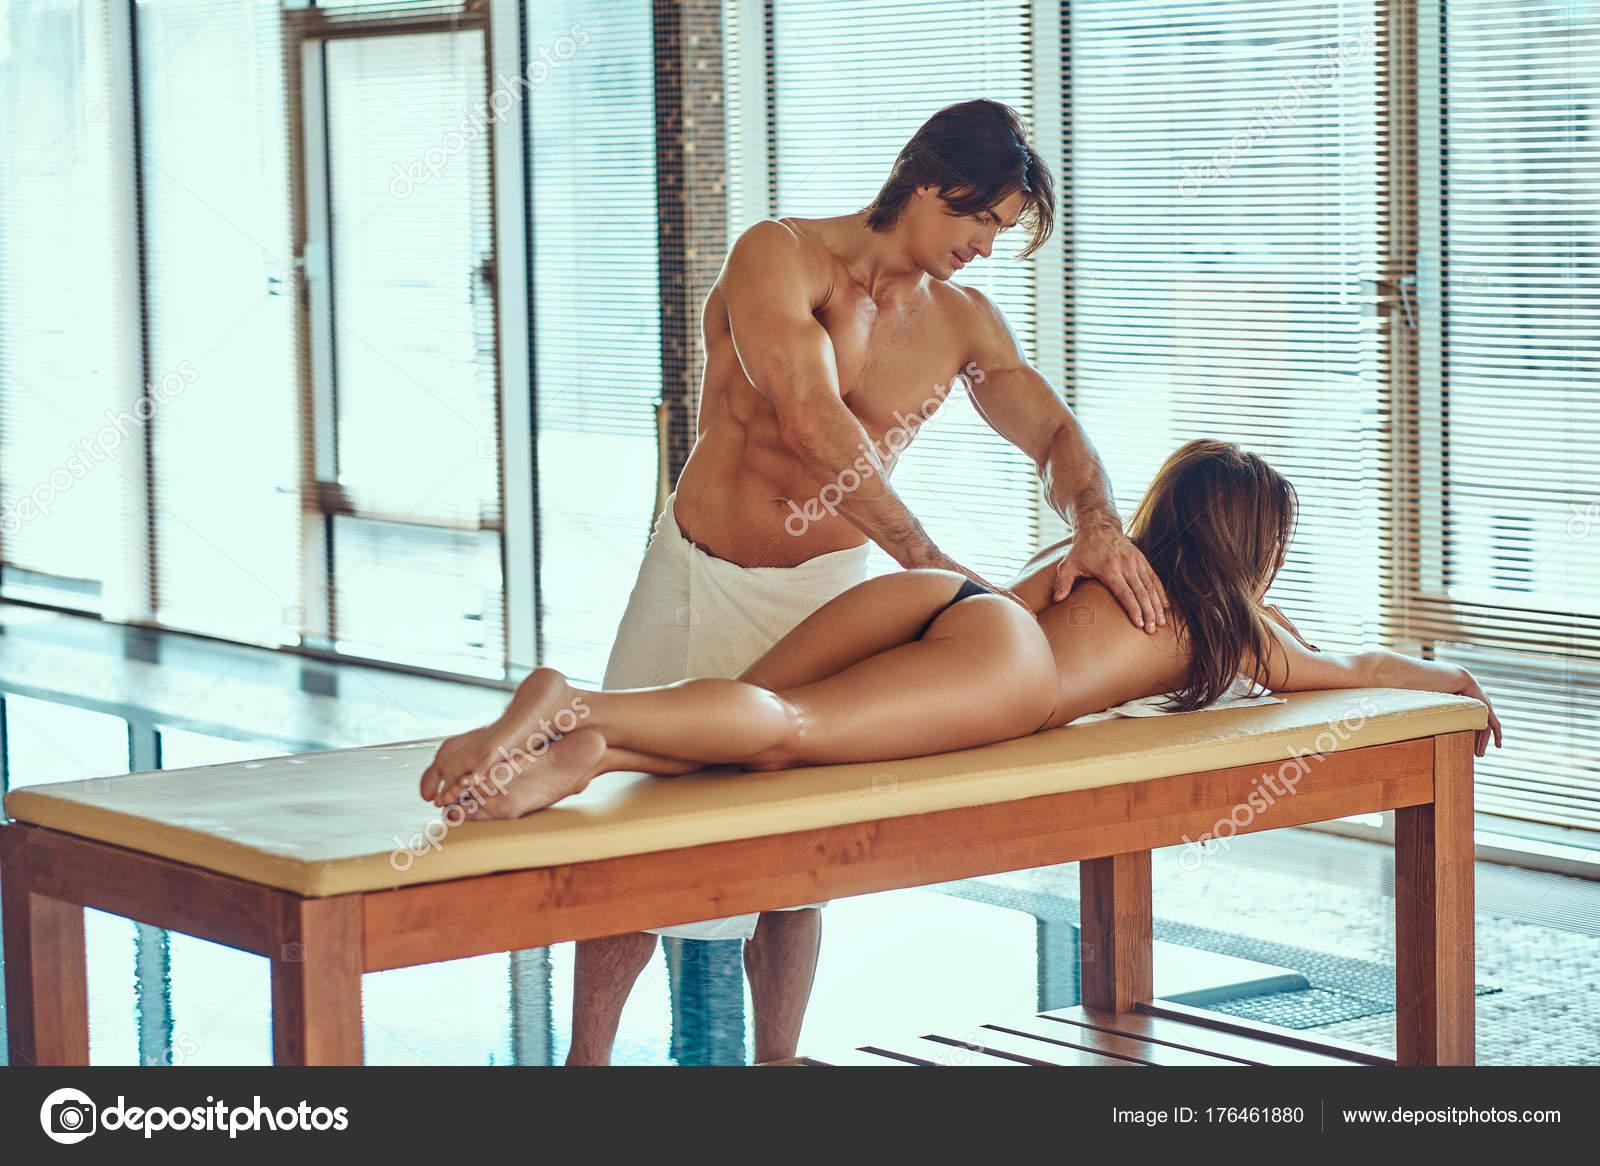 parole di sesso donne nude massaggi